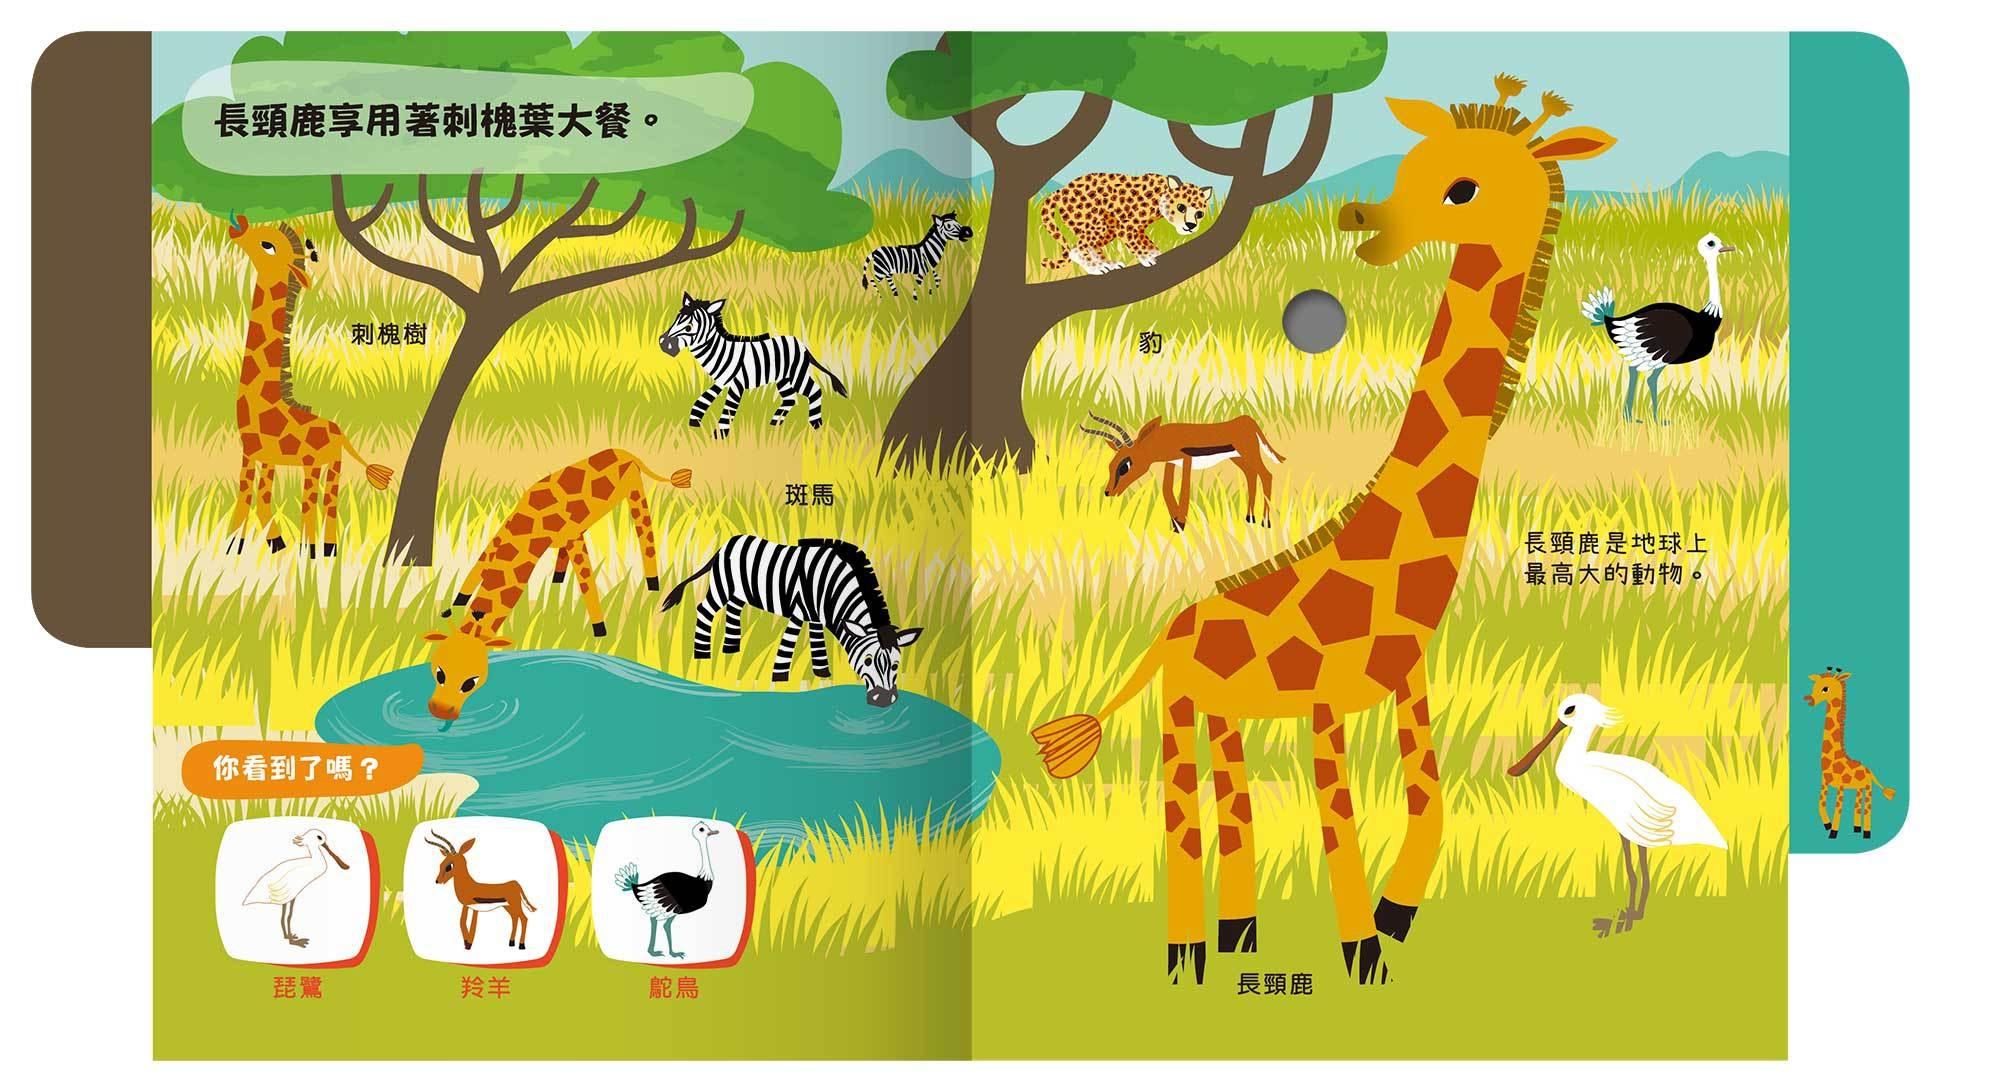 寶貝想聽- 草原動物的聲音